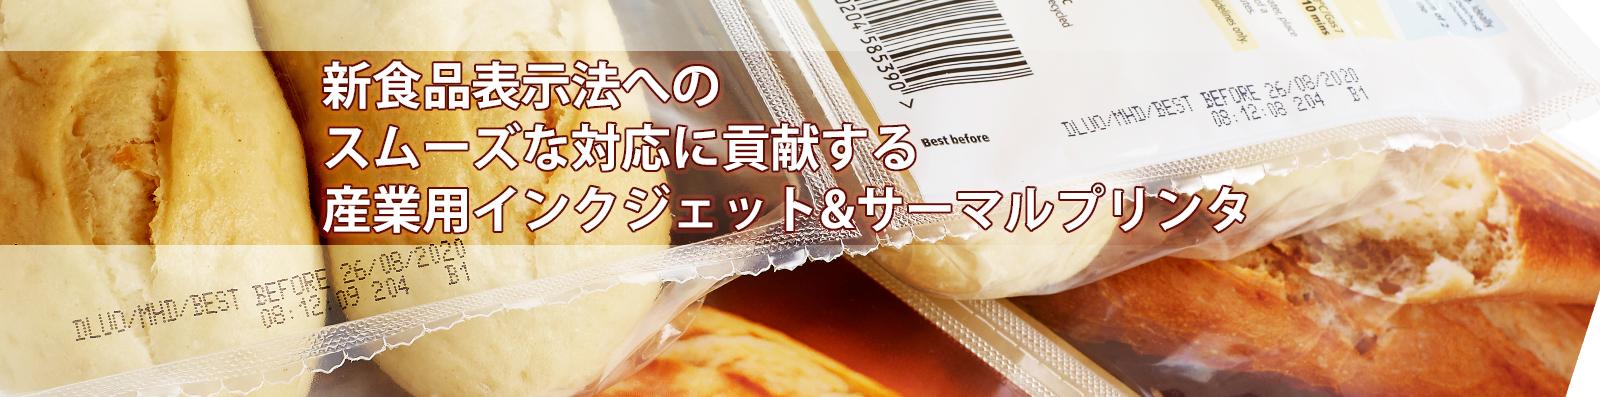 新食品表示法への印字内容変更に対応に貢献する産業用インクジェット&サーマルプリンタ